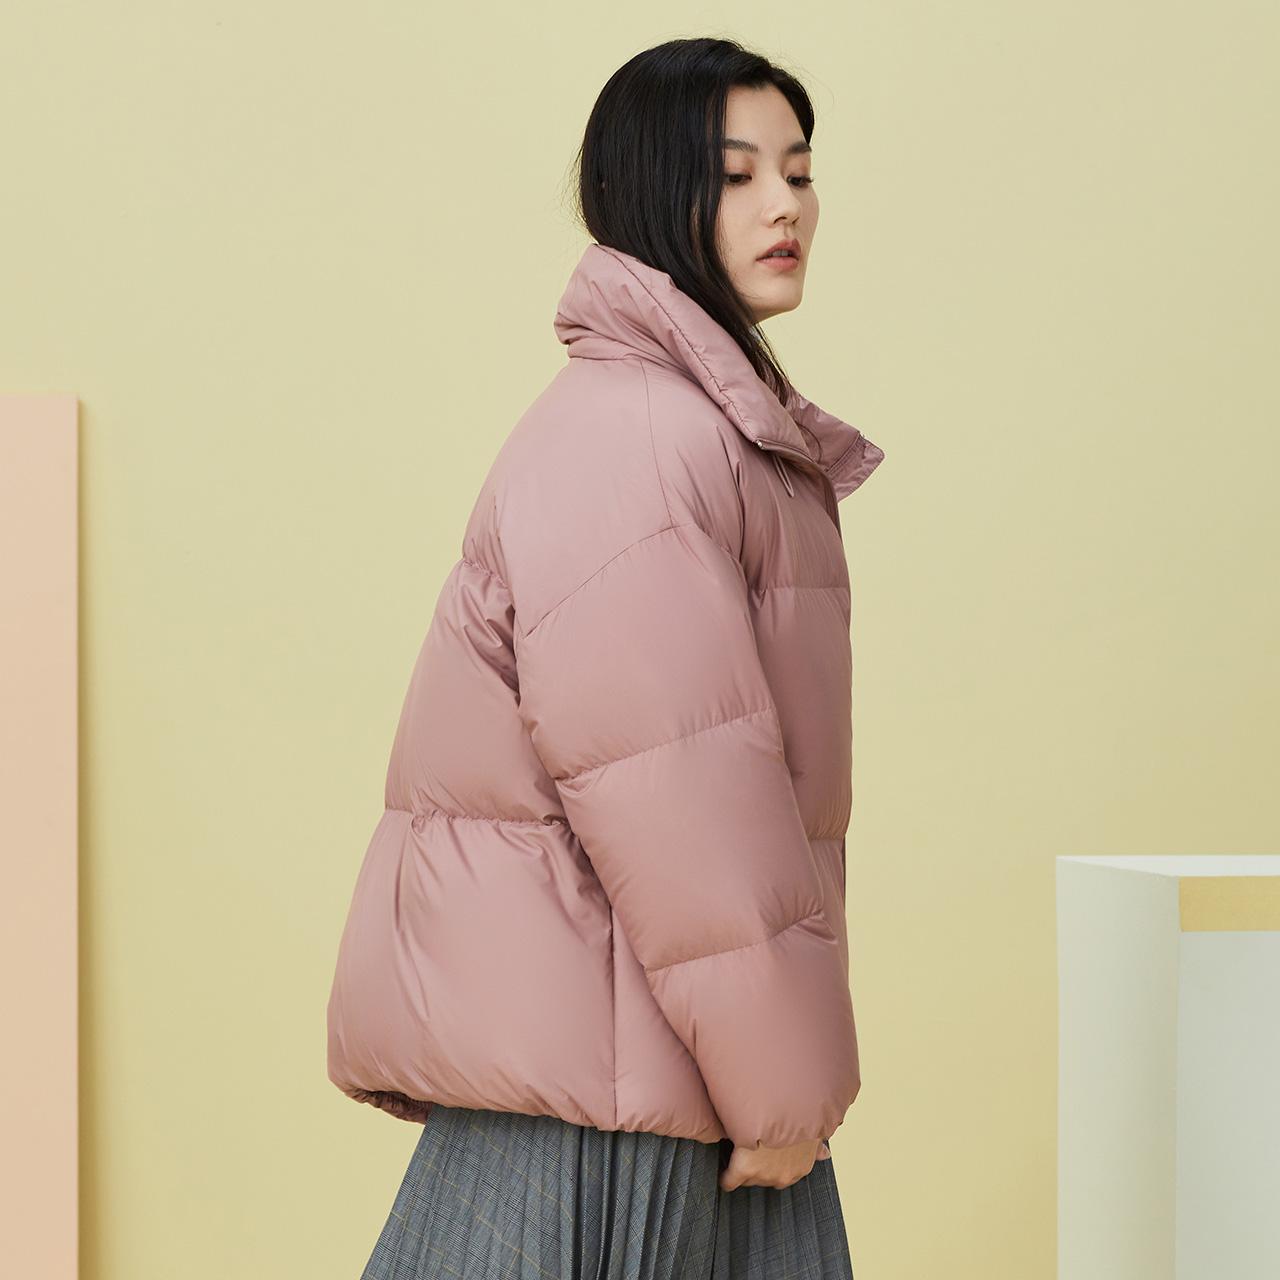 雪中飞 秋冬新款休闲简约保暖舒适立领短款面包鹅绒羽绒服女  2020